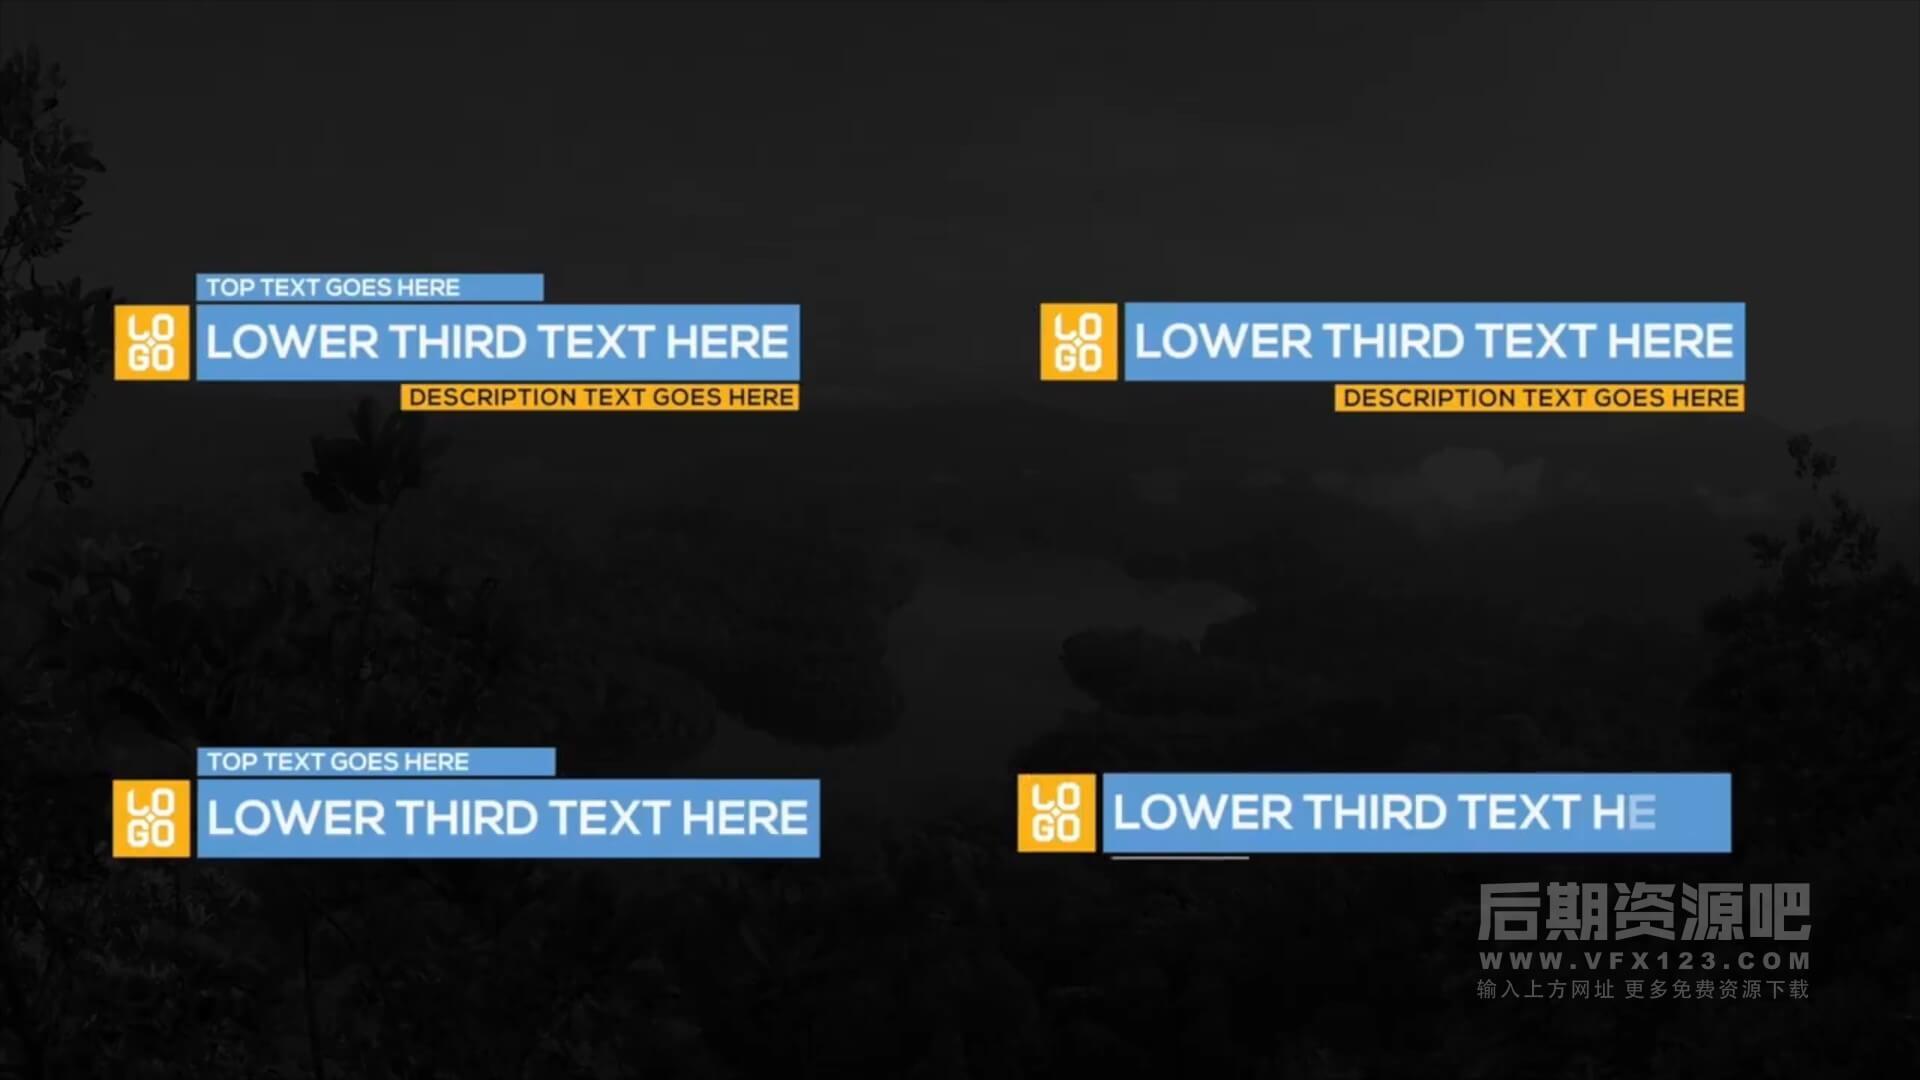 fcpx插件 100个简洁大方4K字幕条标题图形转场预设动画 FCP Titles Toollkit | MAC影视后期资源站